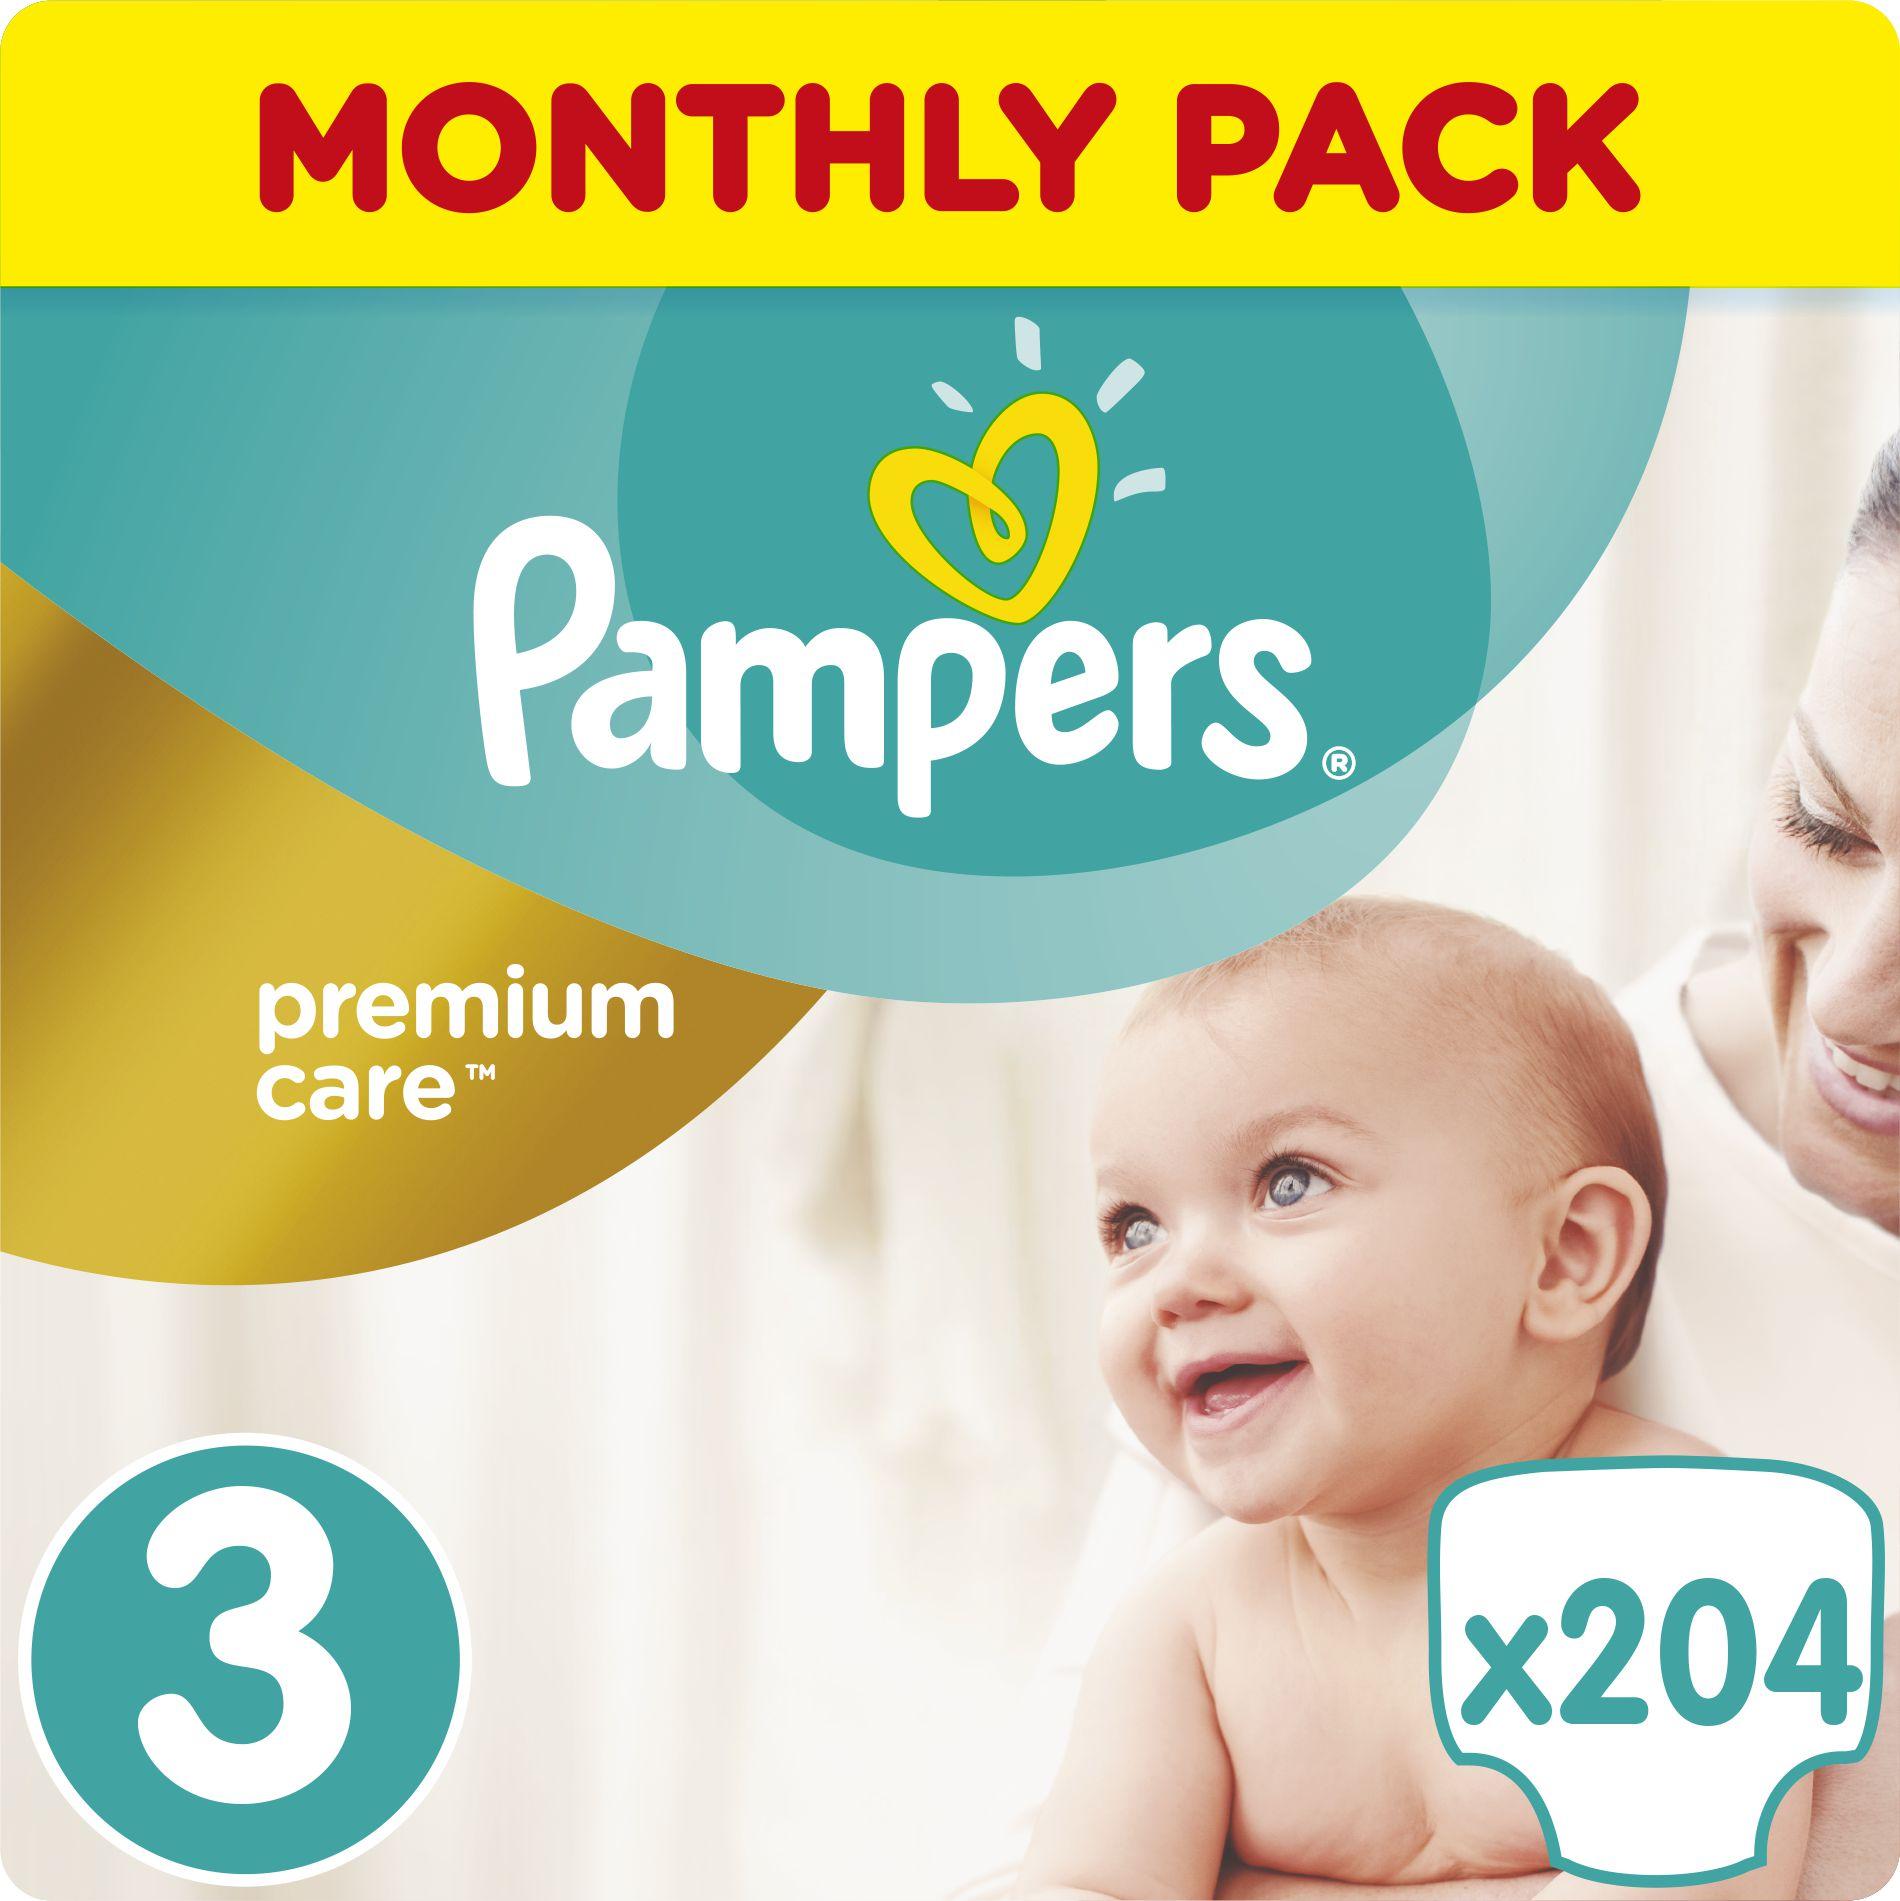 Pampers Pieluchy Premium Care Rozmiar 3 (Midi), 5-9kg, 204 szt. 977205